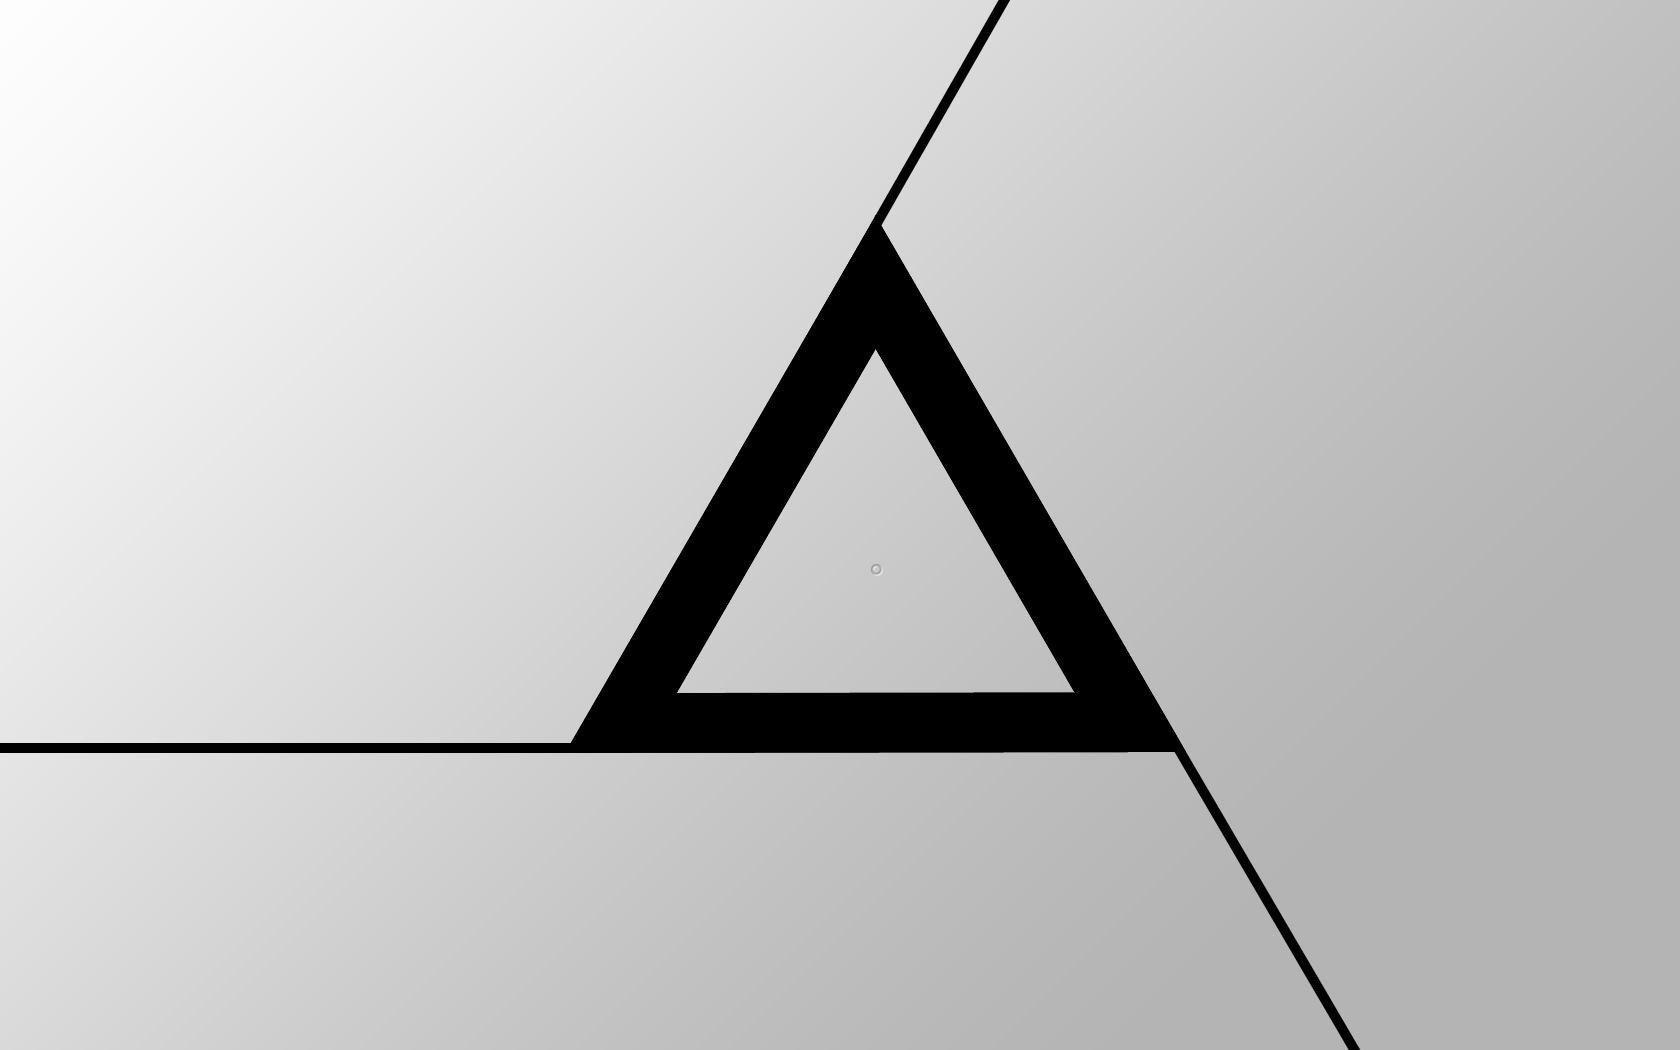 logo 标识 标志 设计 矢量 矢量图 素材 图标 1680_1050